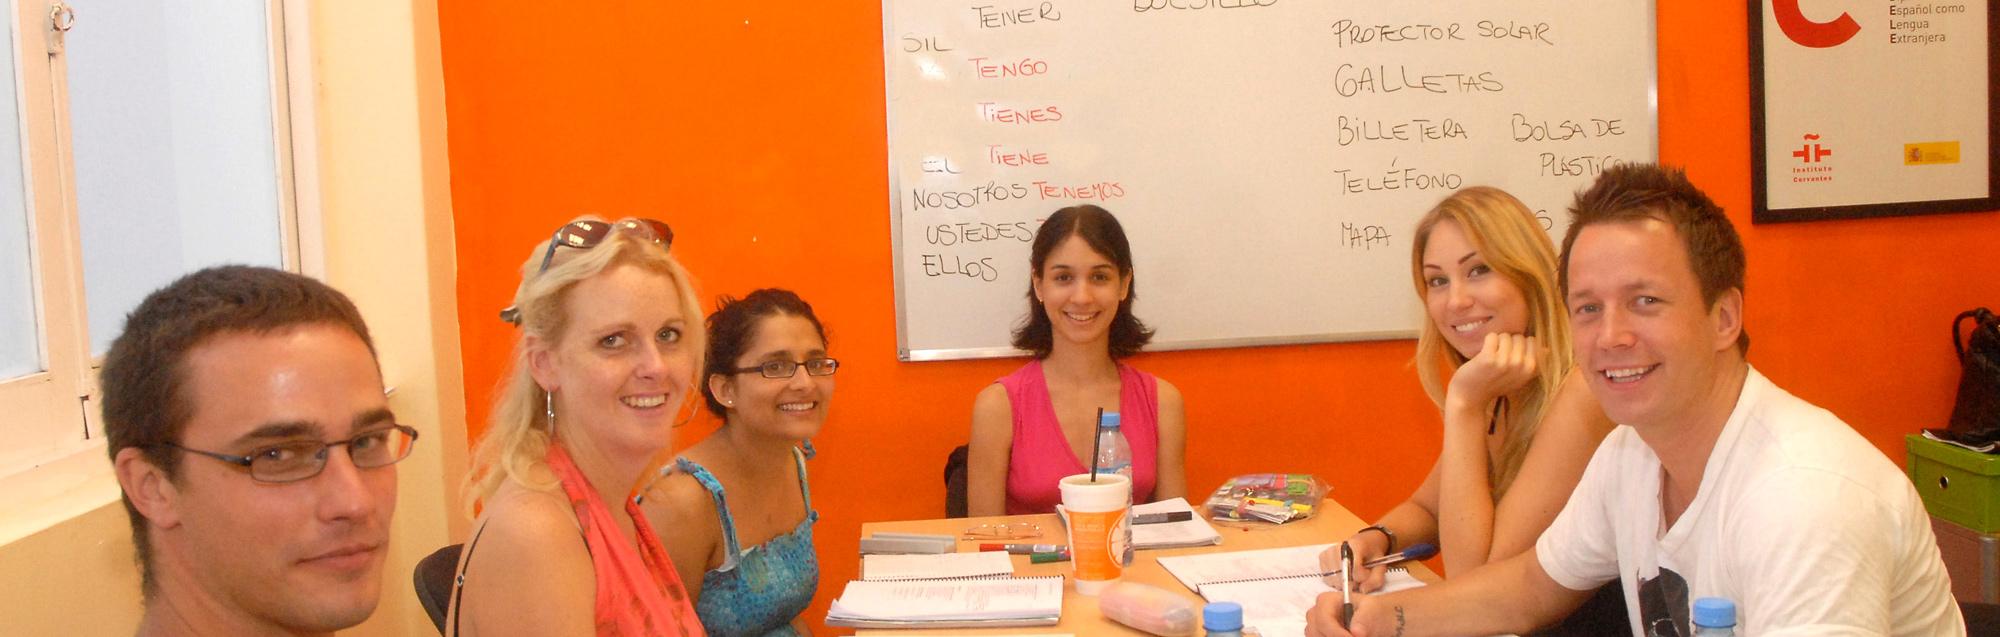 Tipps & Infos zu Sprachreisen und Sprachkursen